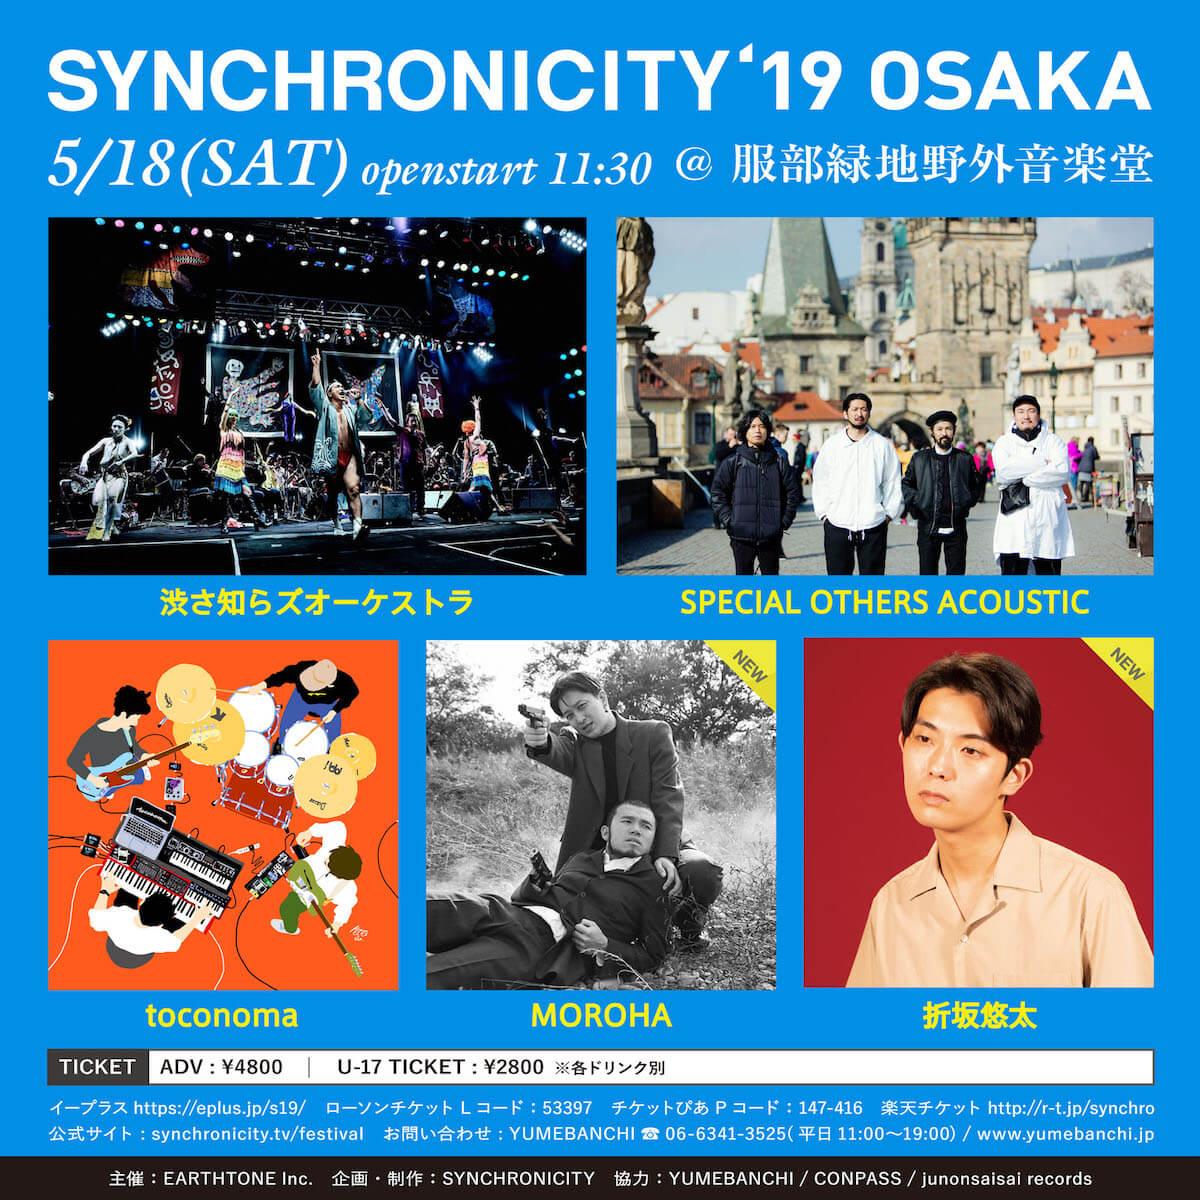 <SYNCHRONICITY'19 OSAKA>、最終ラインナップで折坂悠太、MOROHAの出演が決定! music190426_synchronicityosaka_5